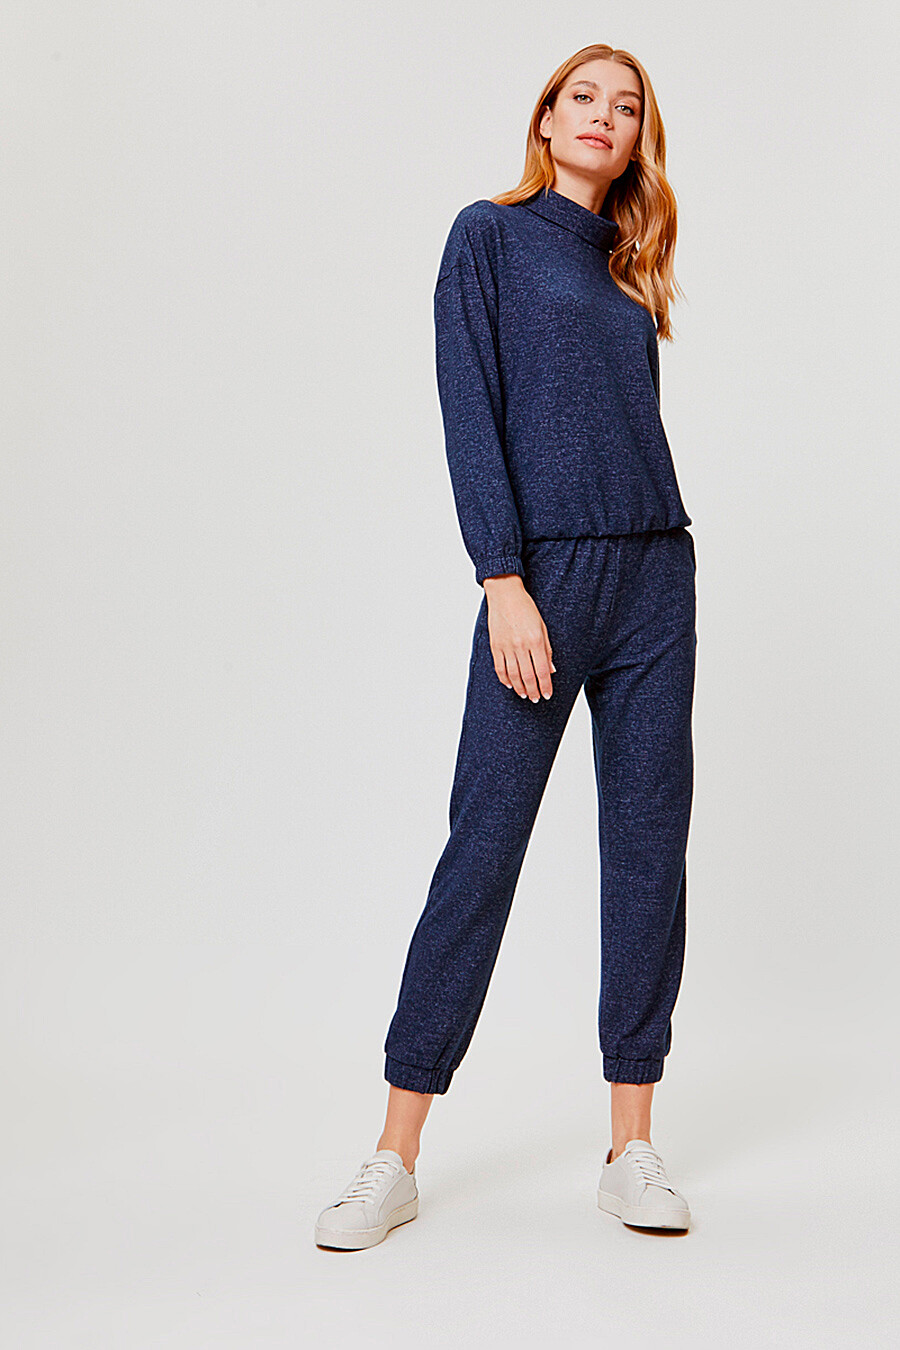 Костюм (Джемпер и брюки) для женщин VITTORIA VICCI 247634 купить оптом от производителя. Совместная покупка женской одежды в OptMoyo